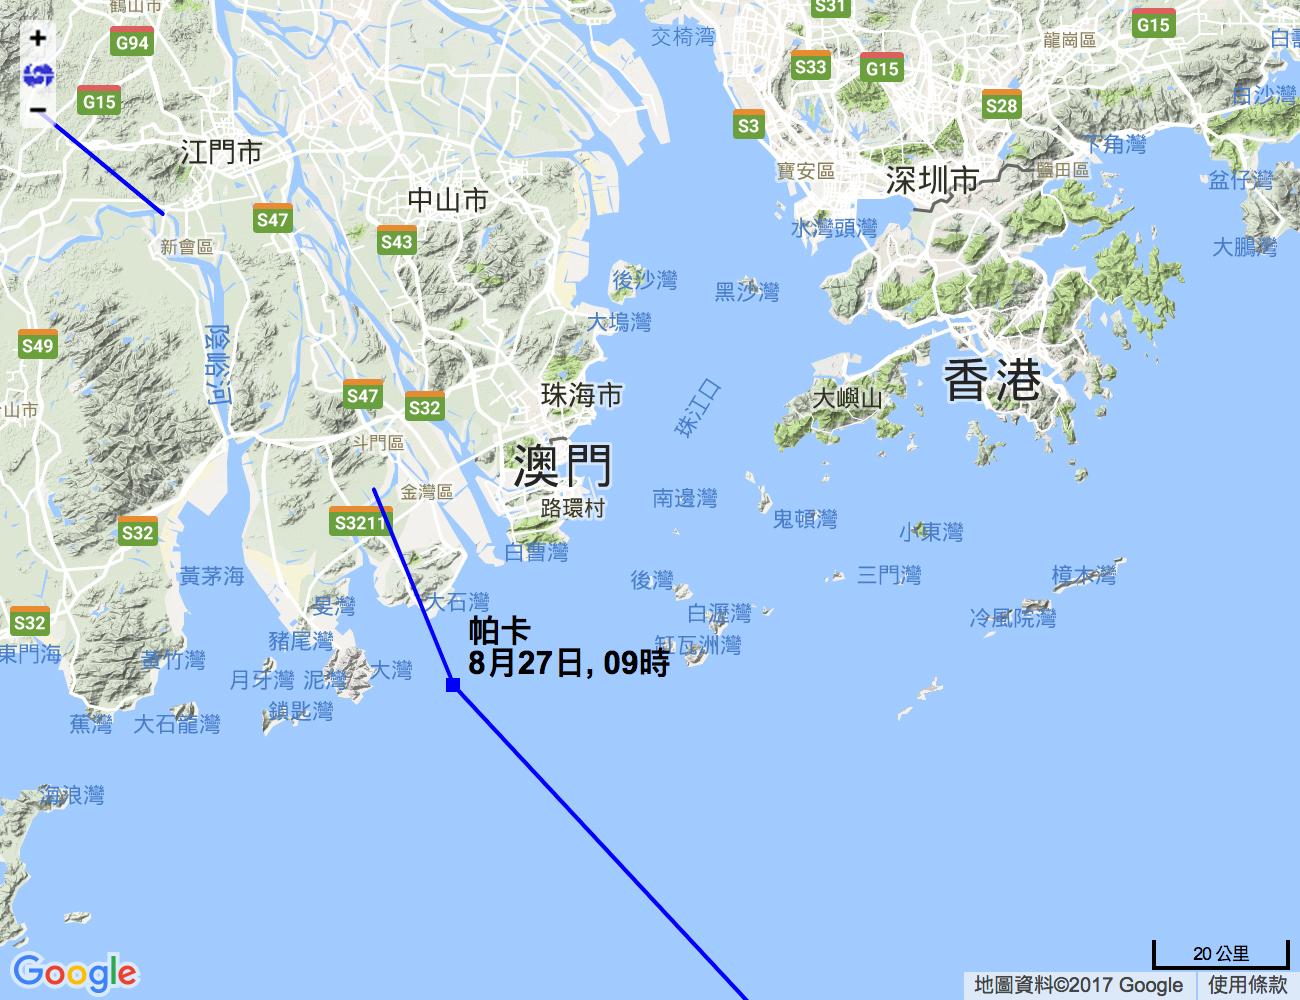 據香港天文台在上午九時發佈的熱帶氣旋預測路徑顯示,強烈熱帶風暴「帕卡」將於鄰近澳門的珠海地區登陸,與數天前強颱風「天鴿」登陸的地點相若。(香港天文台)